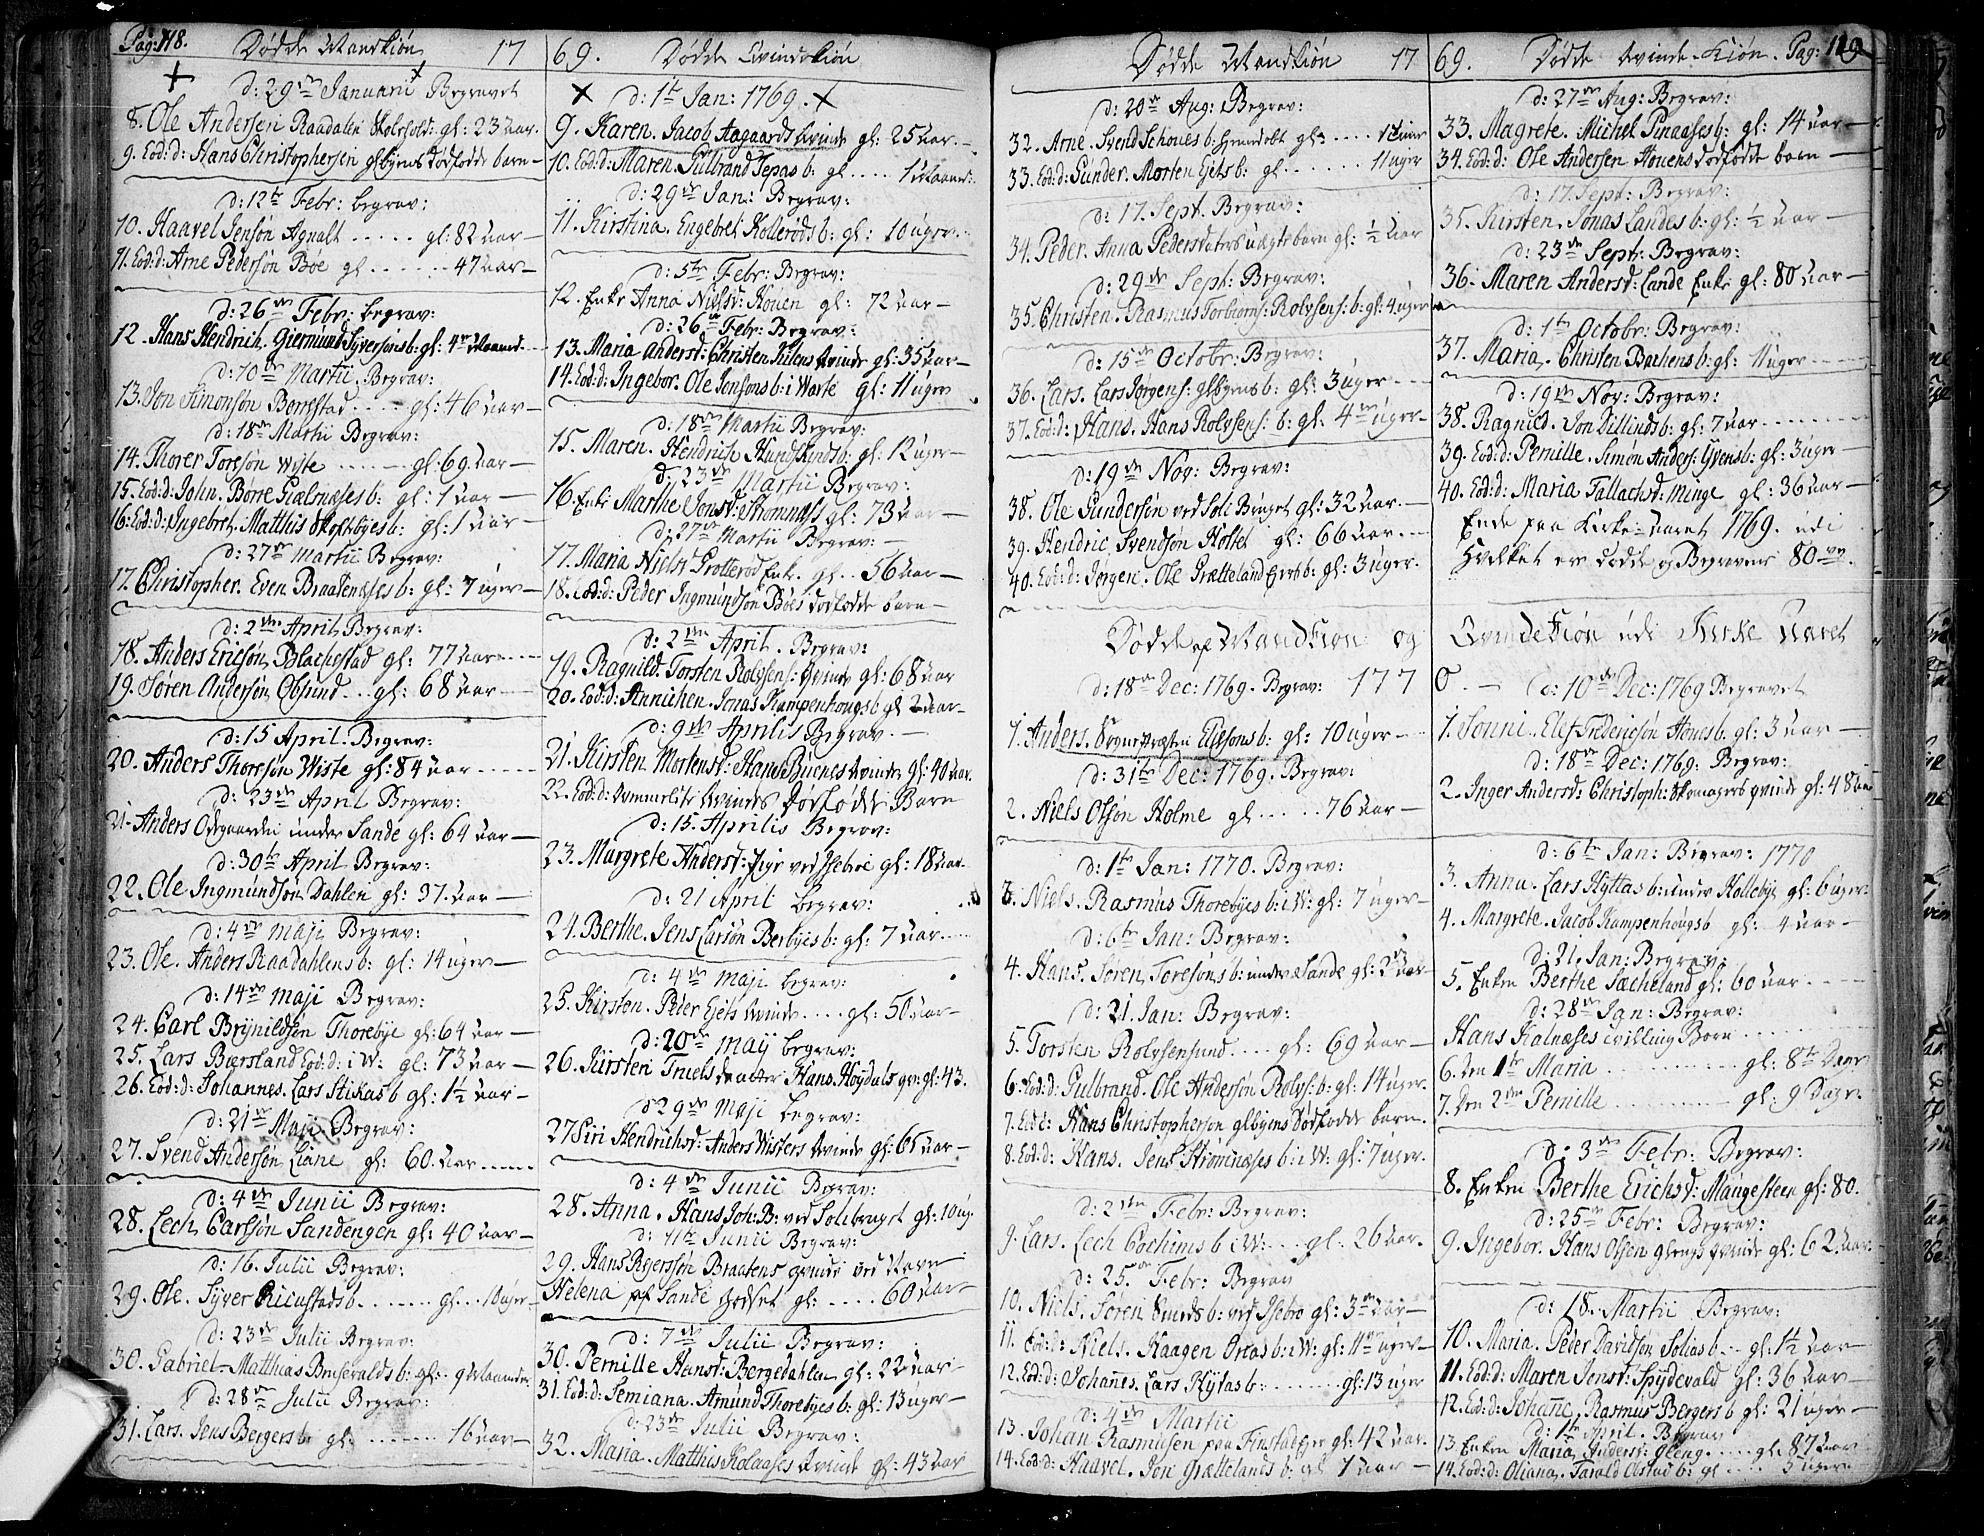 SAO, Tune prestekontor Kirkebøker, F/Fa/L0002: Ministerialbok nr. 2, 1758-1781, s. 118-119